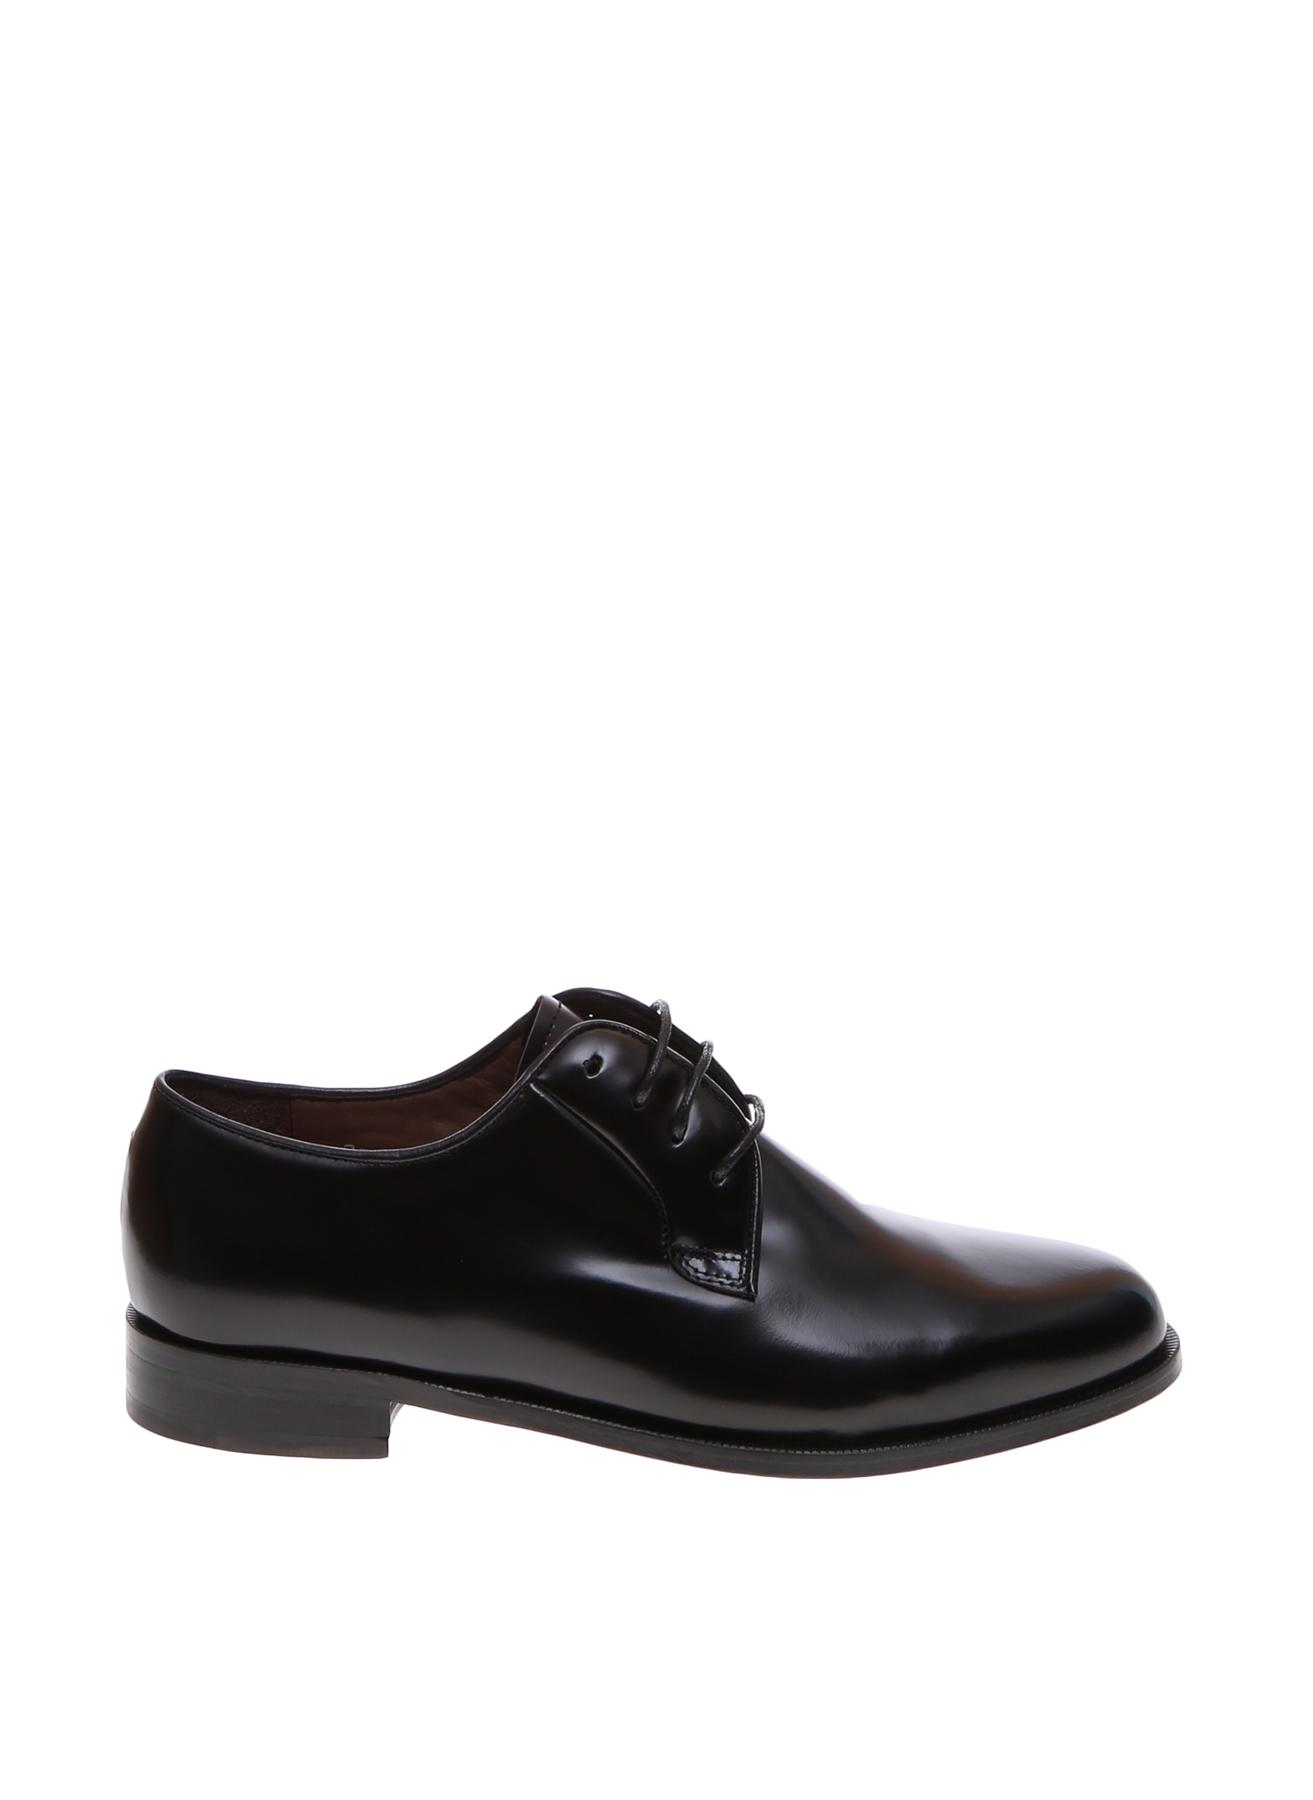 George Hogg Kadın Bordo Deri Düz Ayakkabı 37 5001909205002 Ürün Resmi